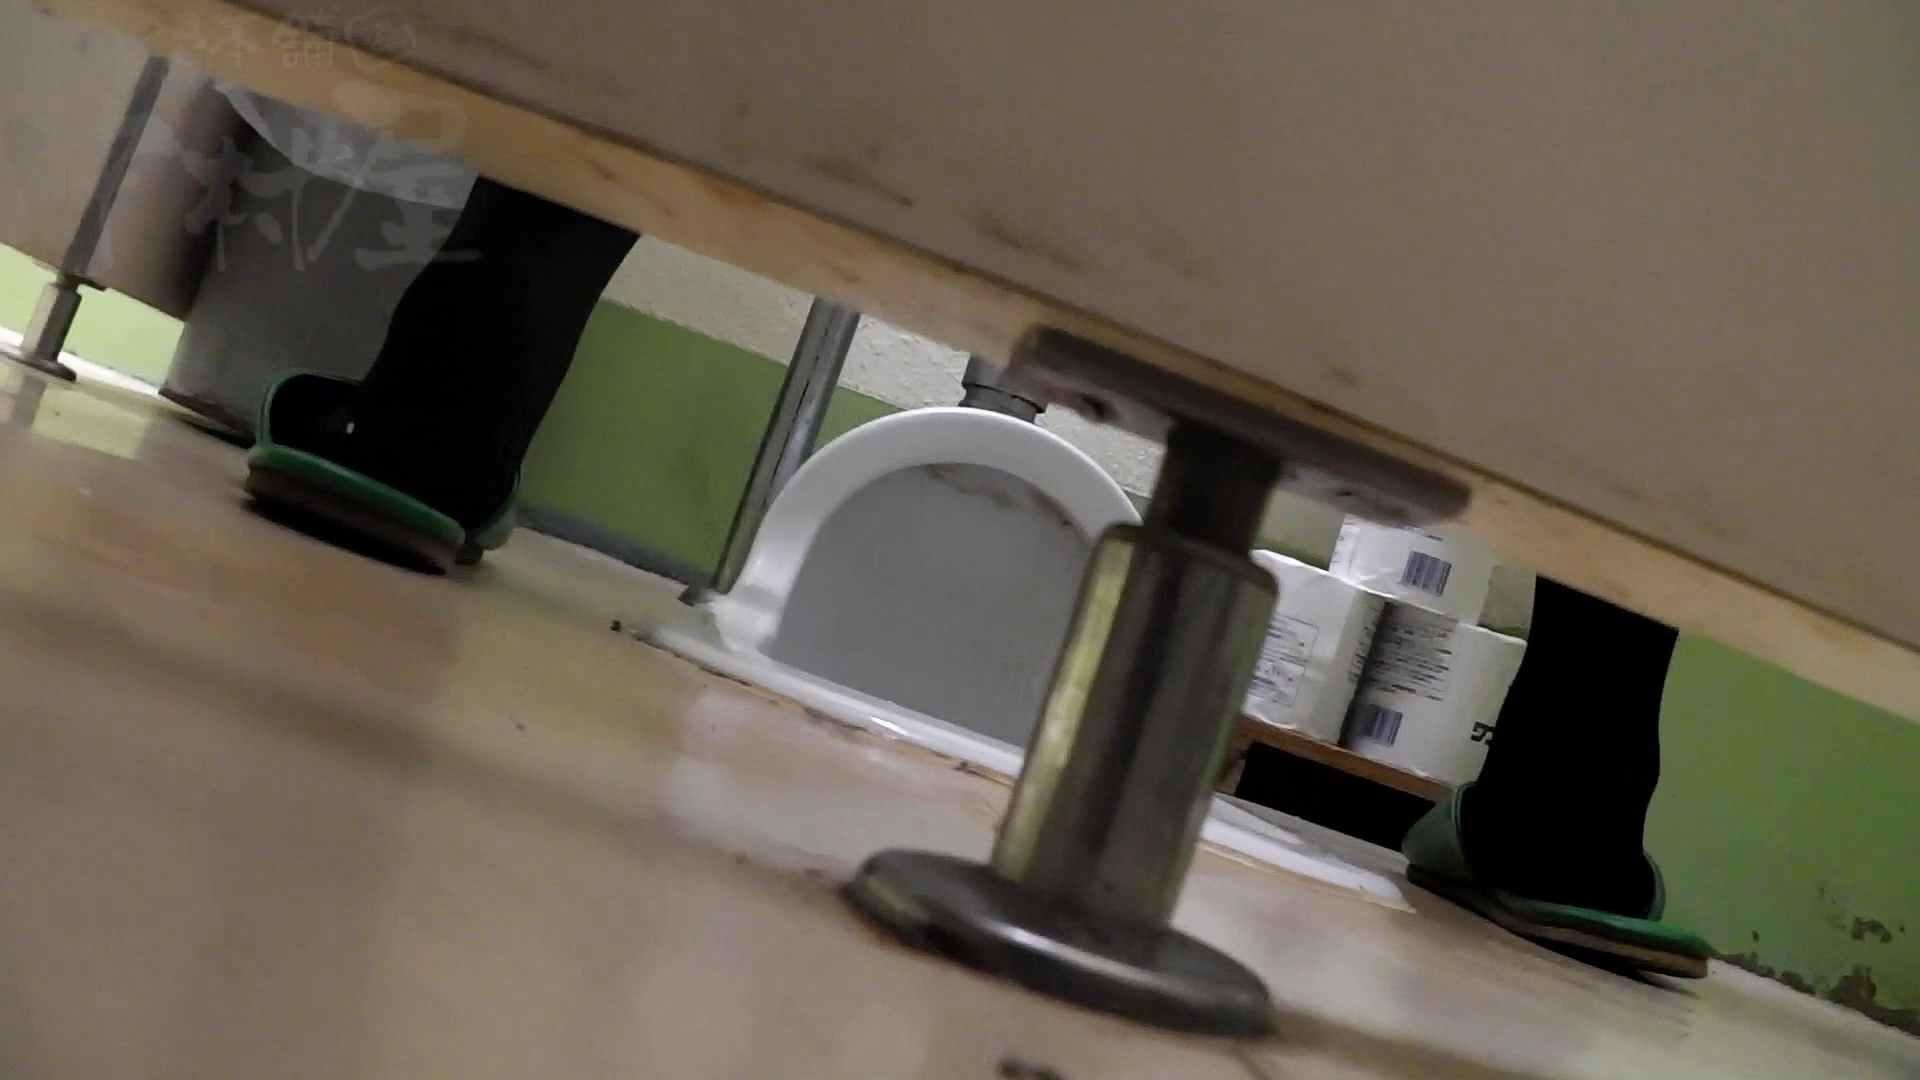 美しい日本の未来 No.02 番外編※注意※好き嫌いはわかれる所です。 女子トイレ潜入  106pic 96